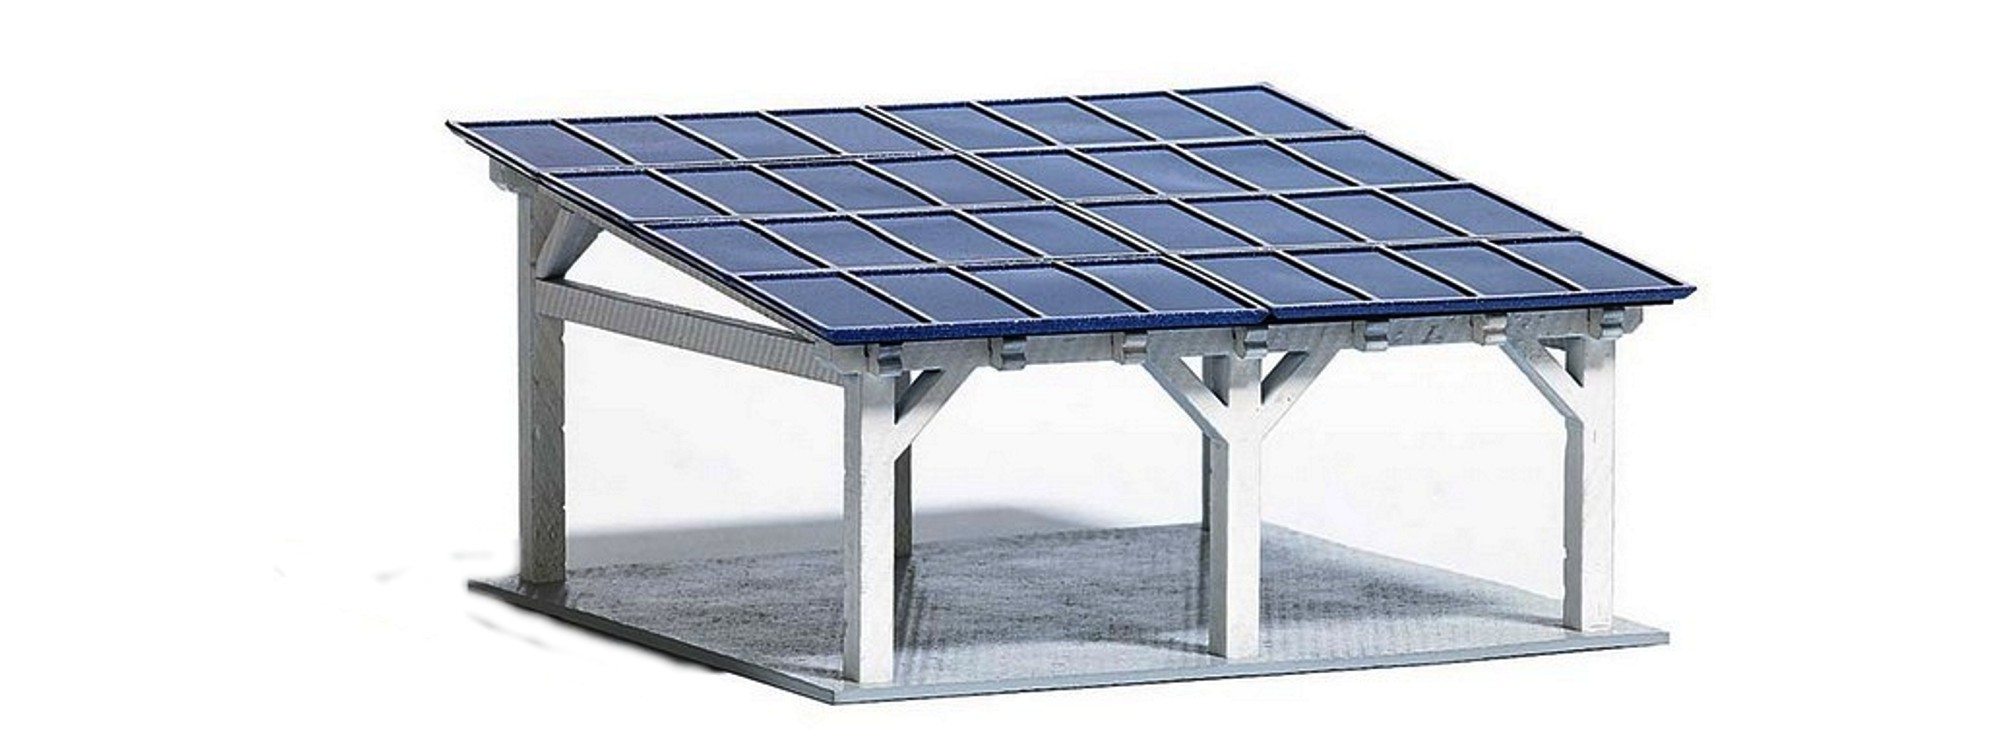 busch 1572 moderner solarcarport bausatz spur h0 online. Black Bedroom Furniture Sets. Home Design Ideas